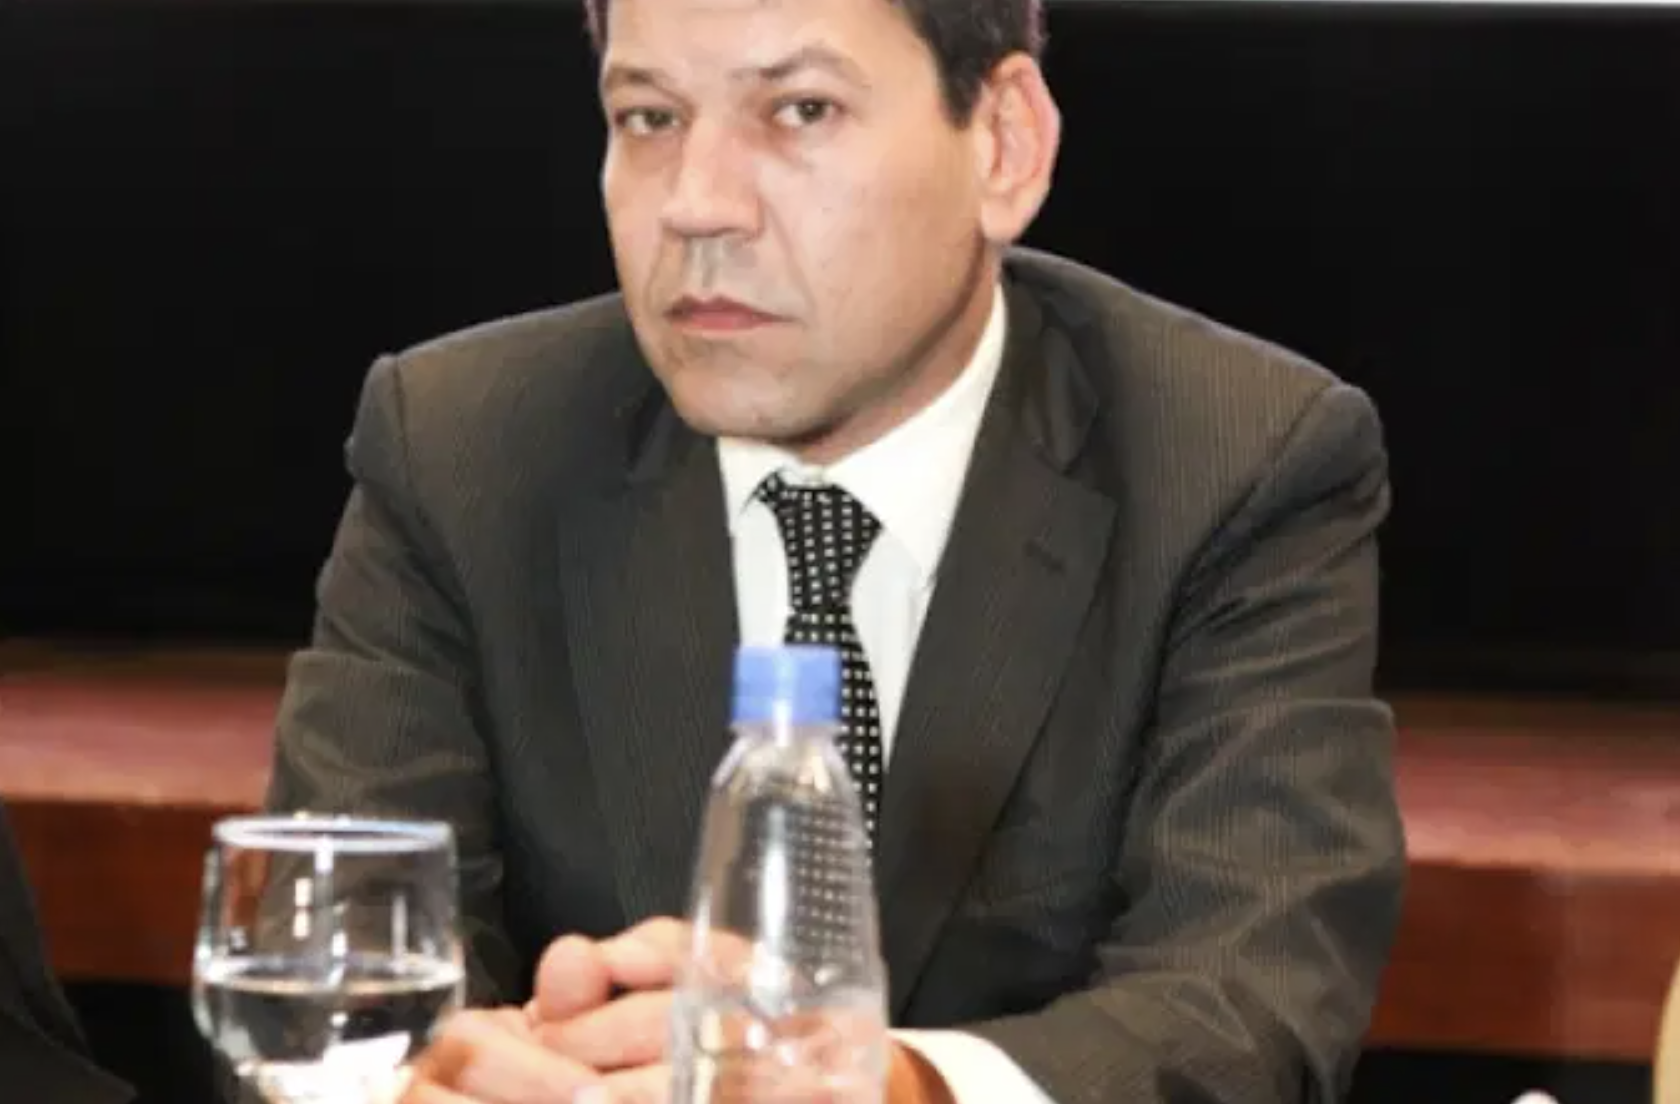 Messias vs. Pizzolato: Visita aos bastidores dos governos Lula e Dilma